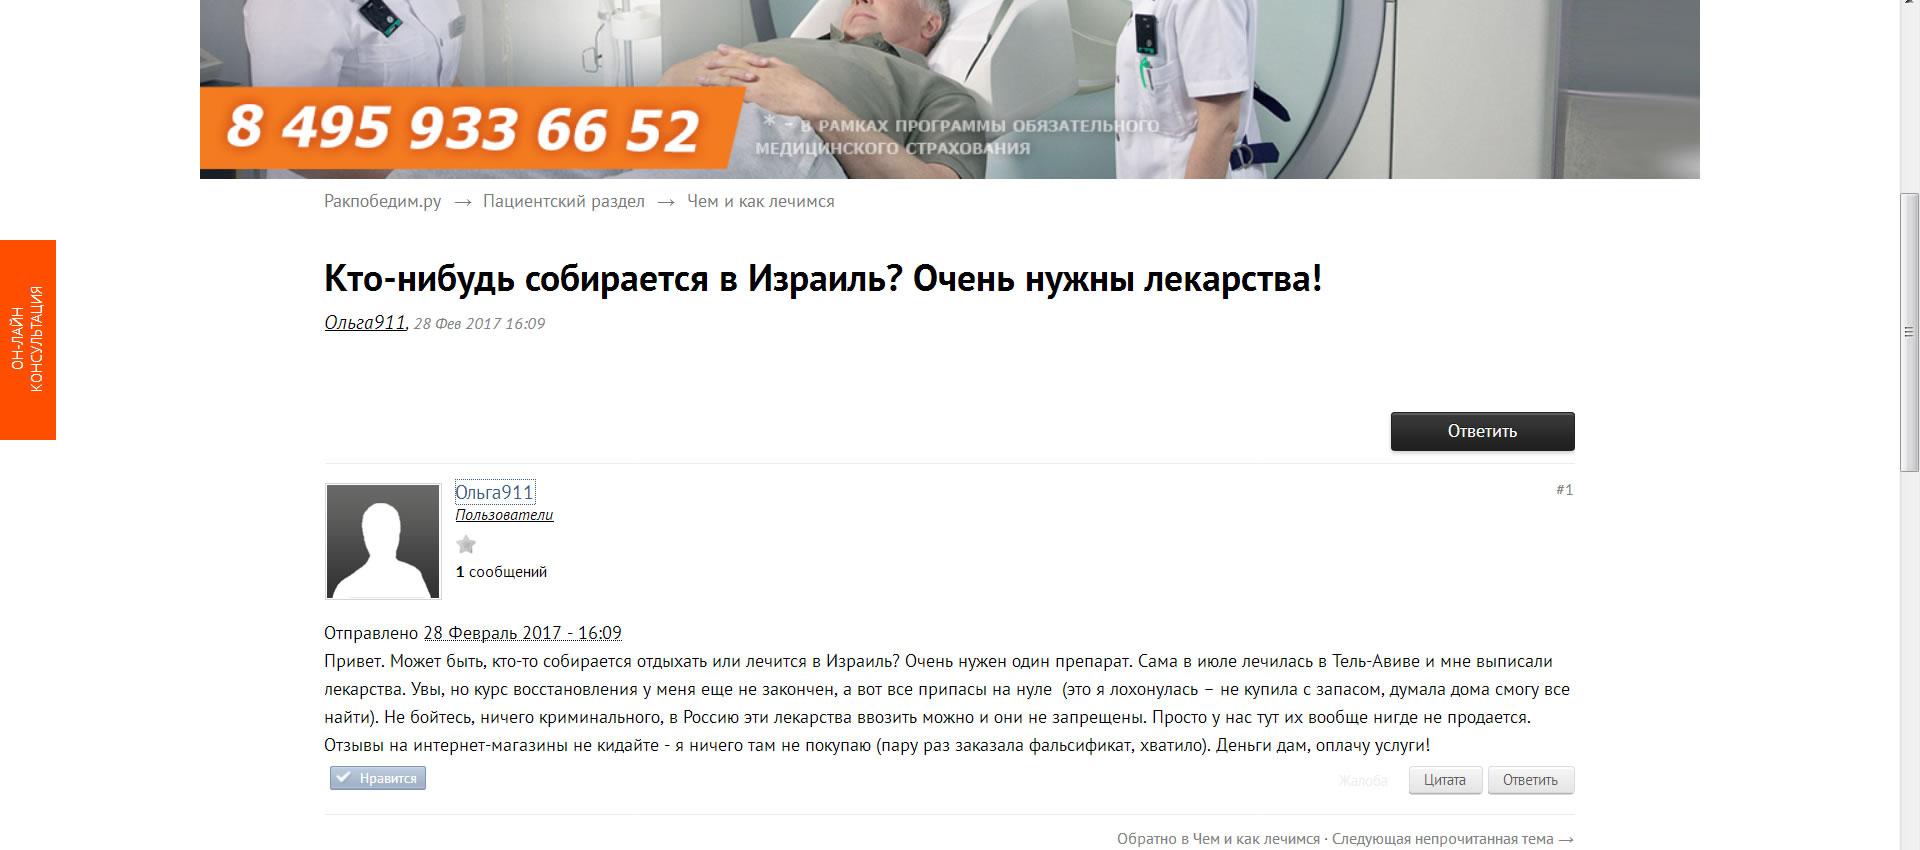 изготовление по рецепту лекарств в москве адреса аптек в москве